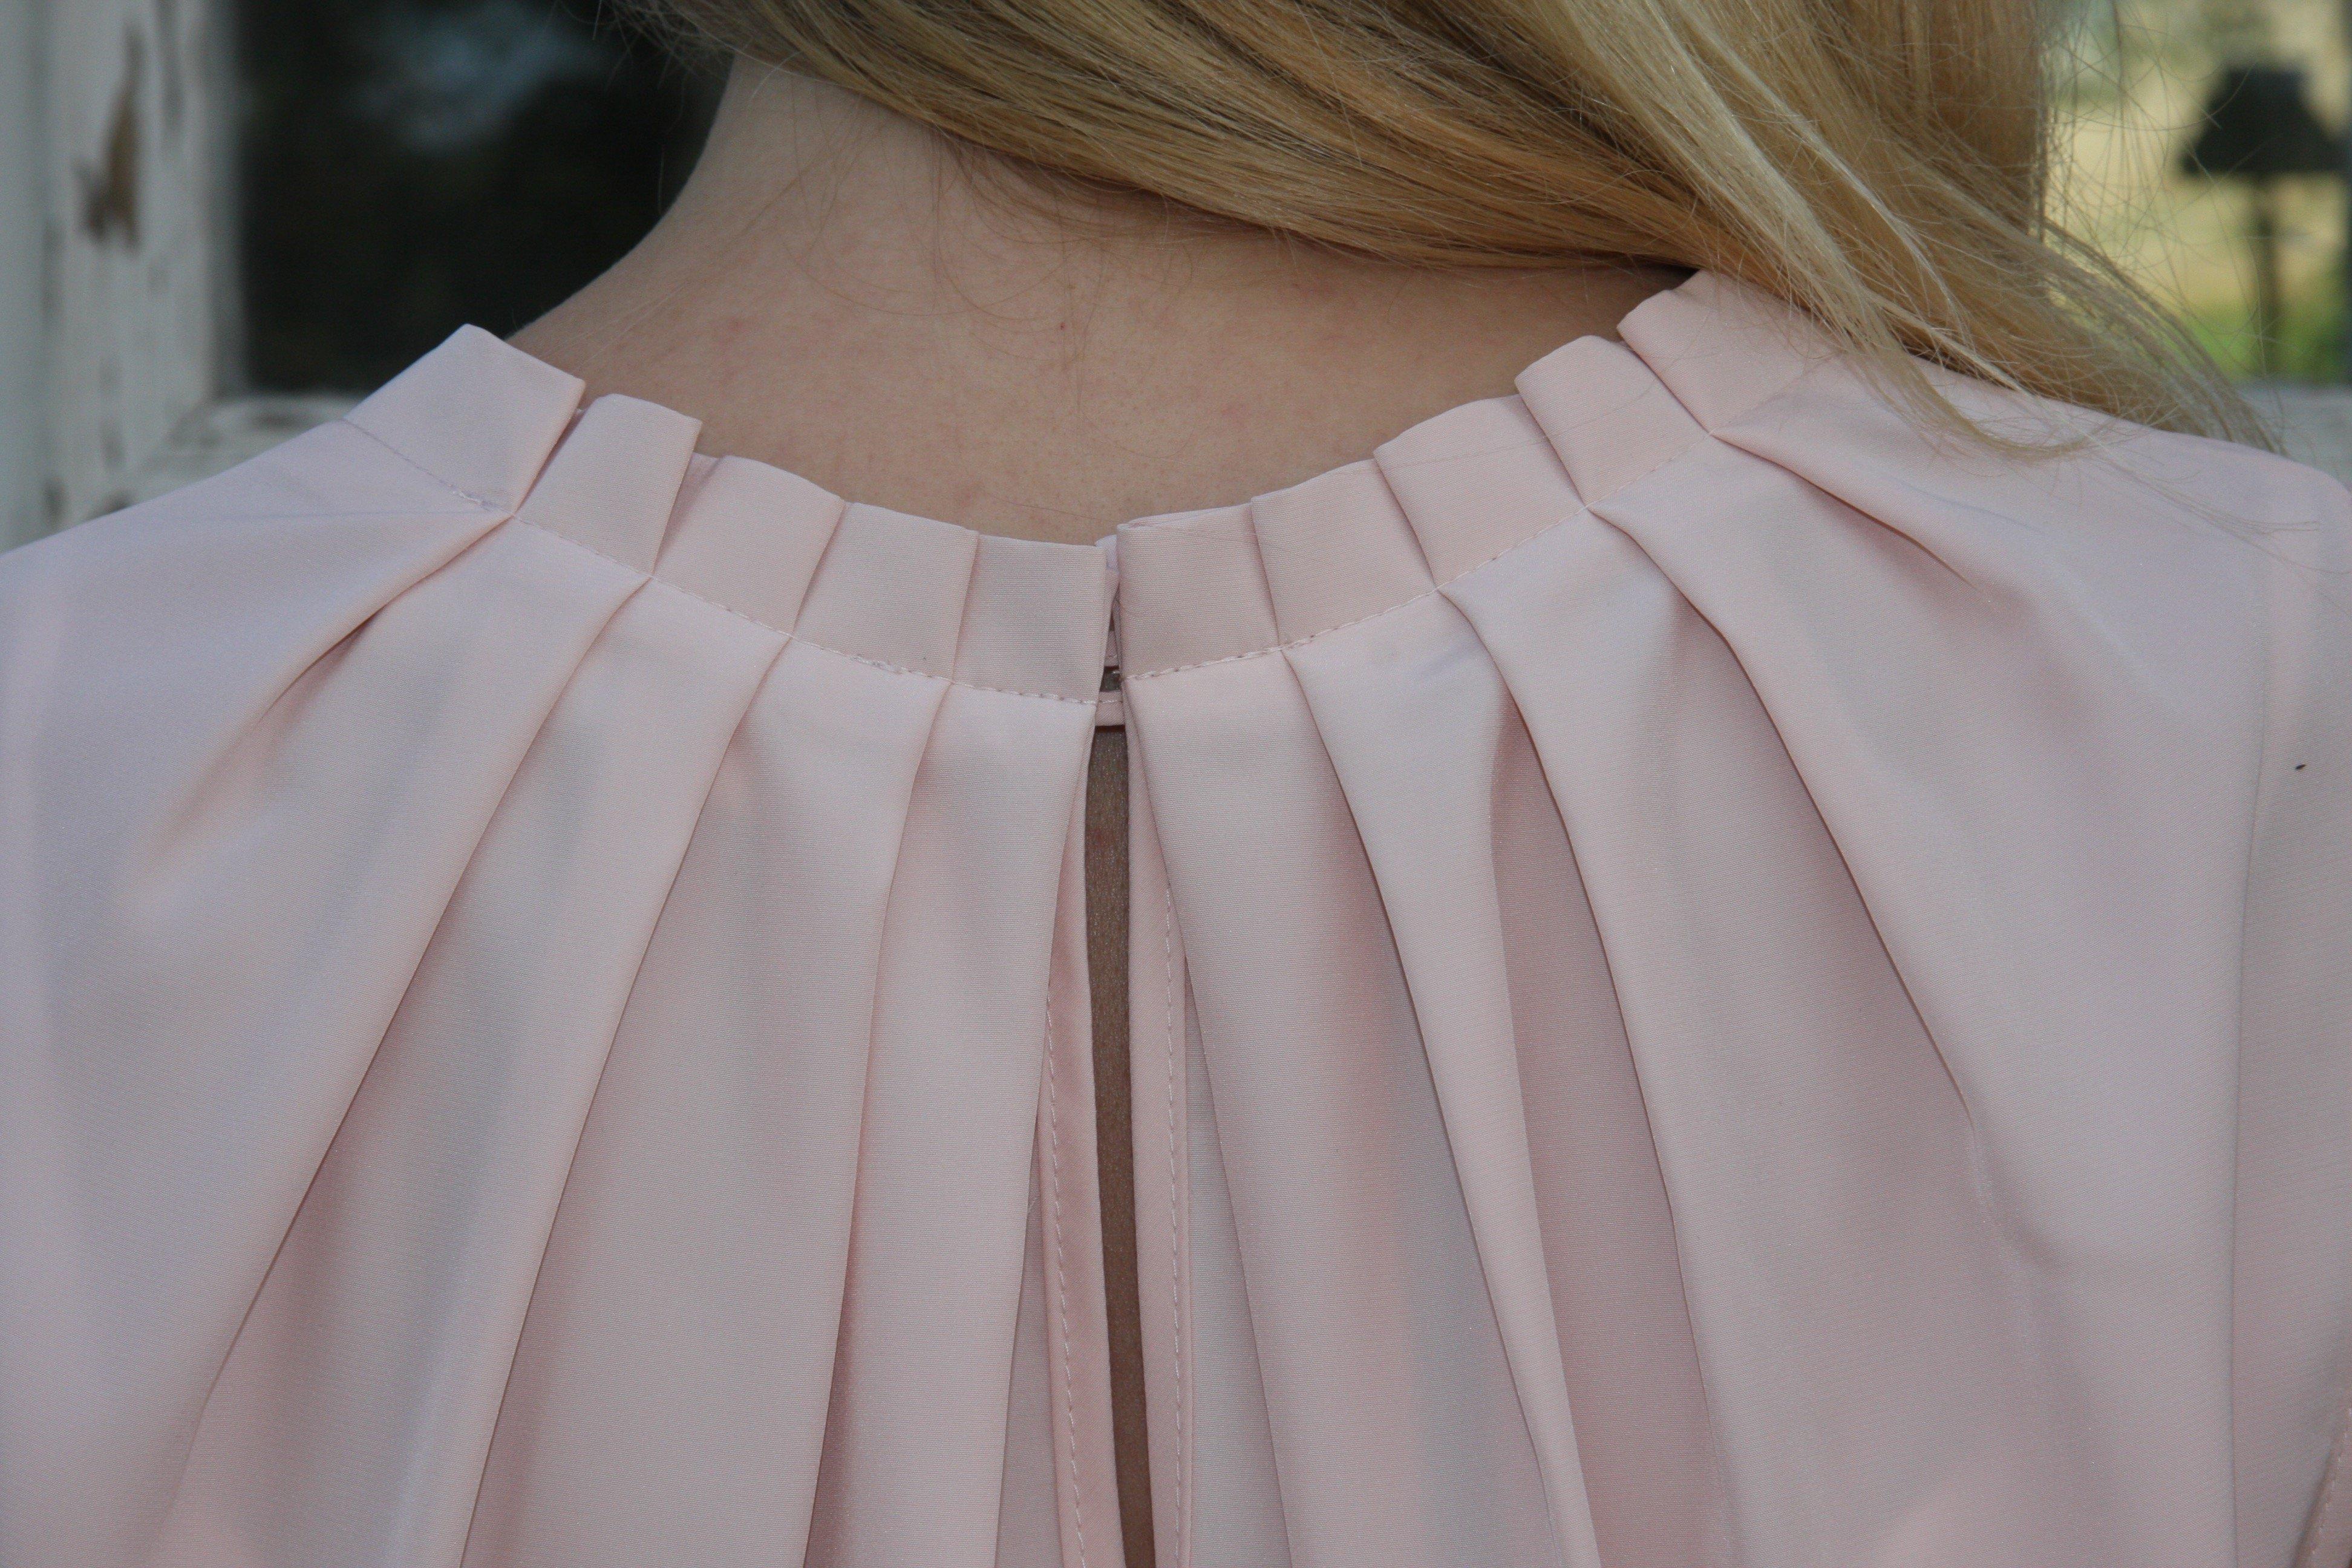 Blus/topp Pauline gammelrosa med vacker plisserad krage. Bild på krage bakifrån.